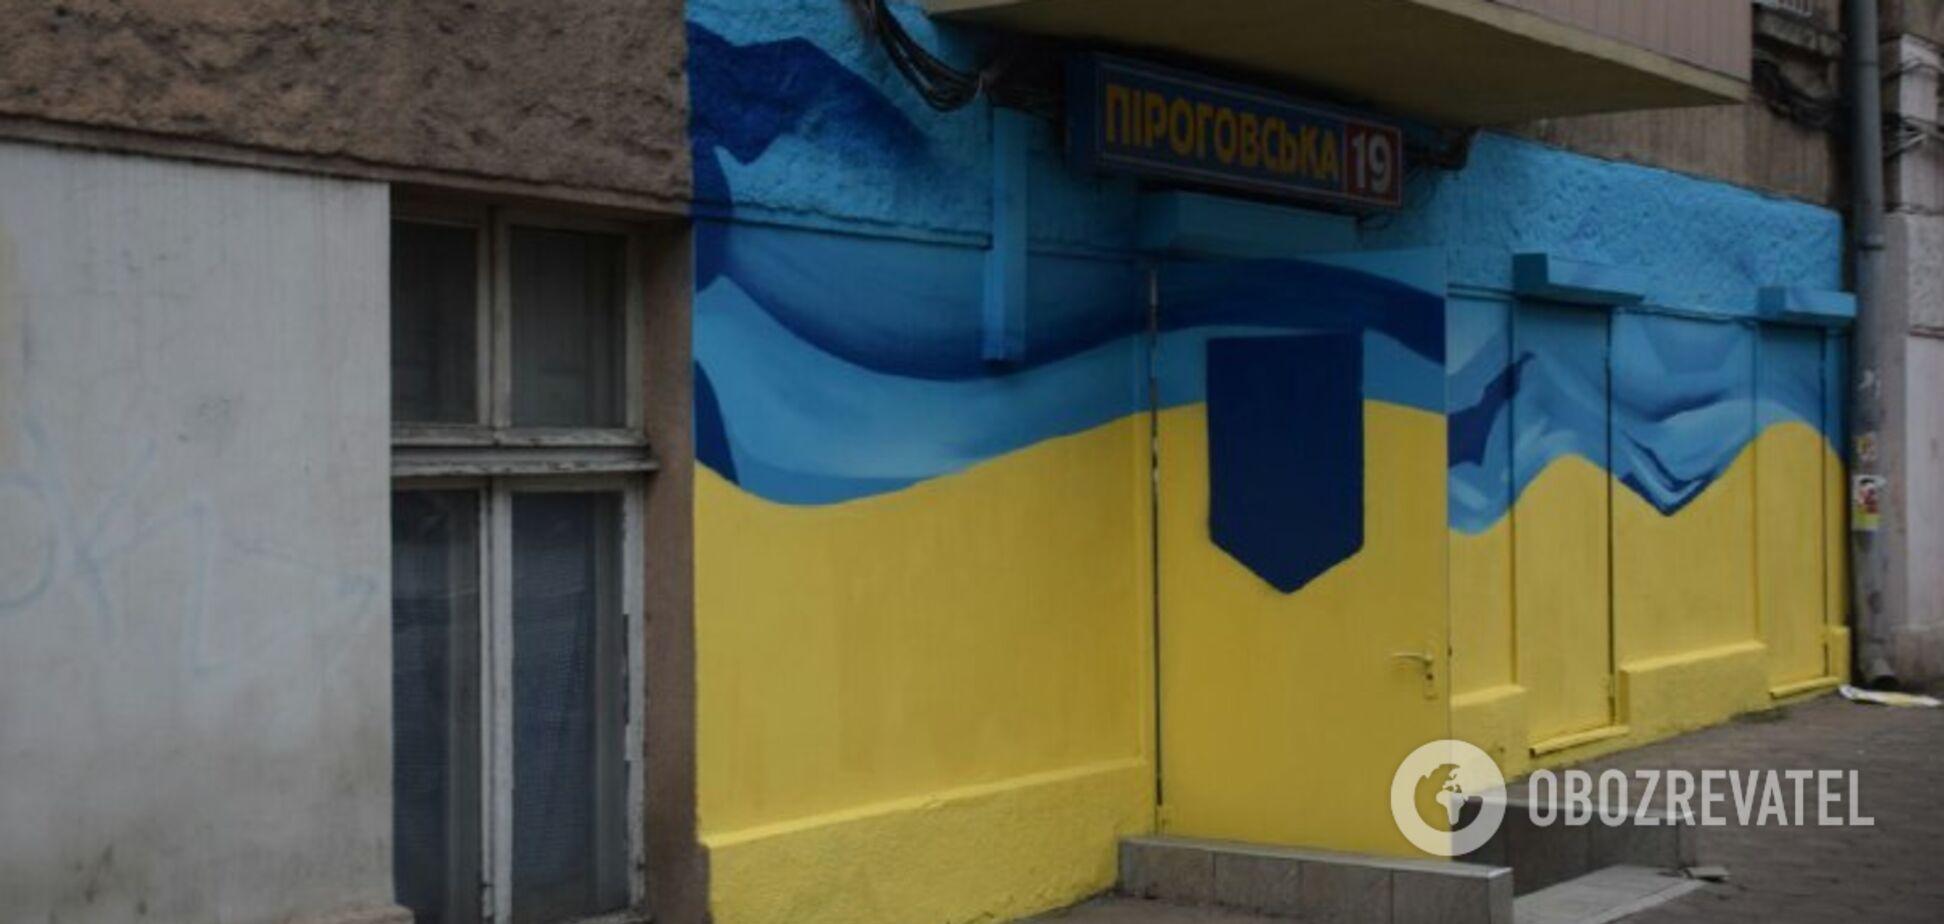 Потрапивший у скандал через путінське ТВ депутат з Одеси увімкнув режим 'патріота'